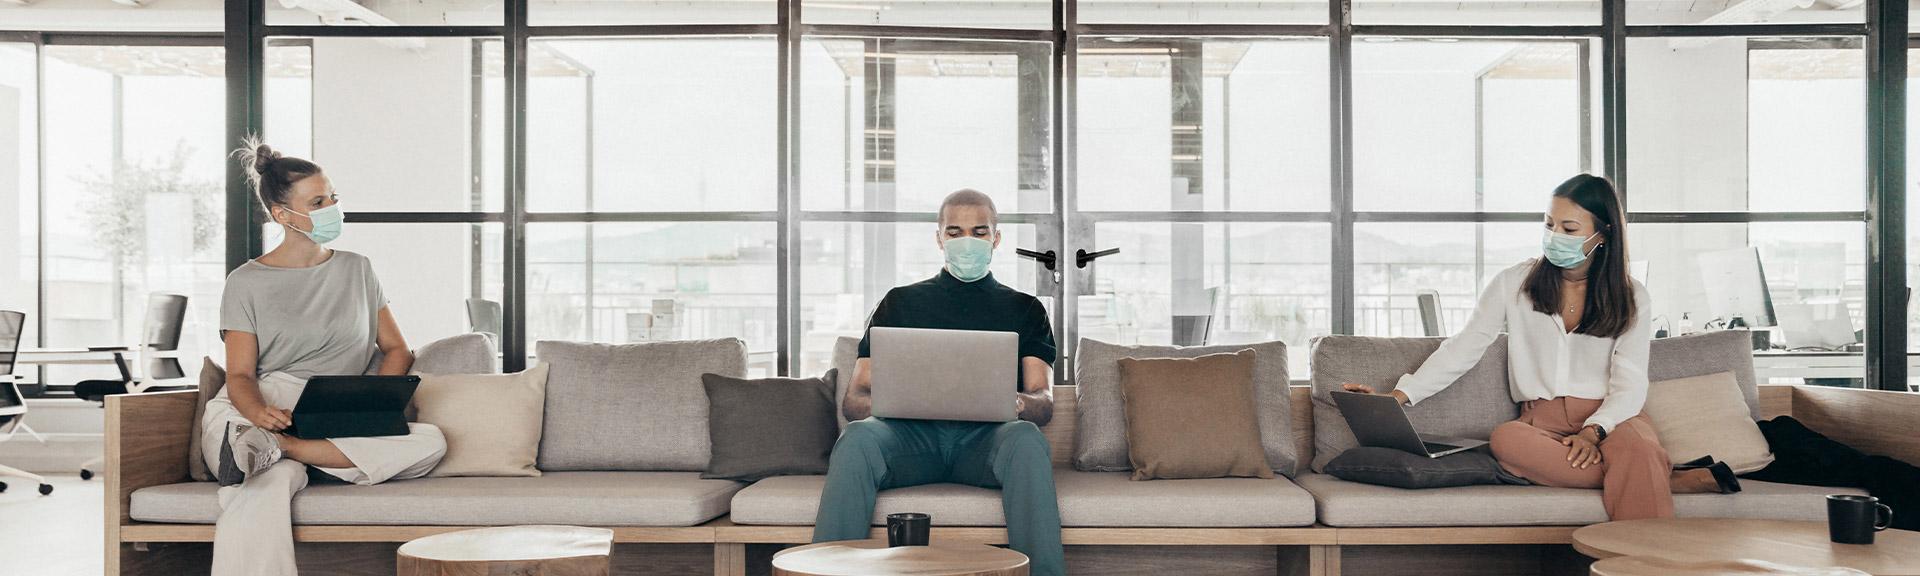 Covid-19-pandemie verandert de ventilatie-industrie